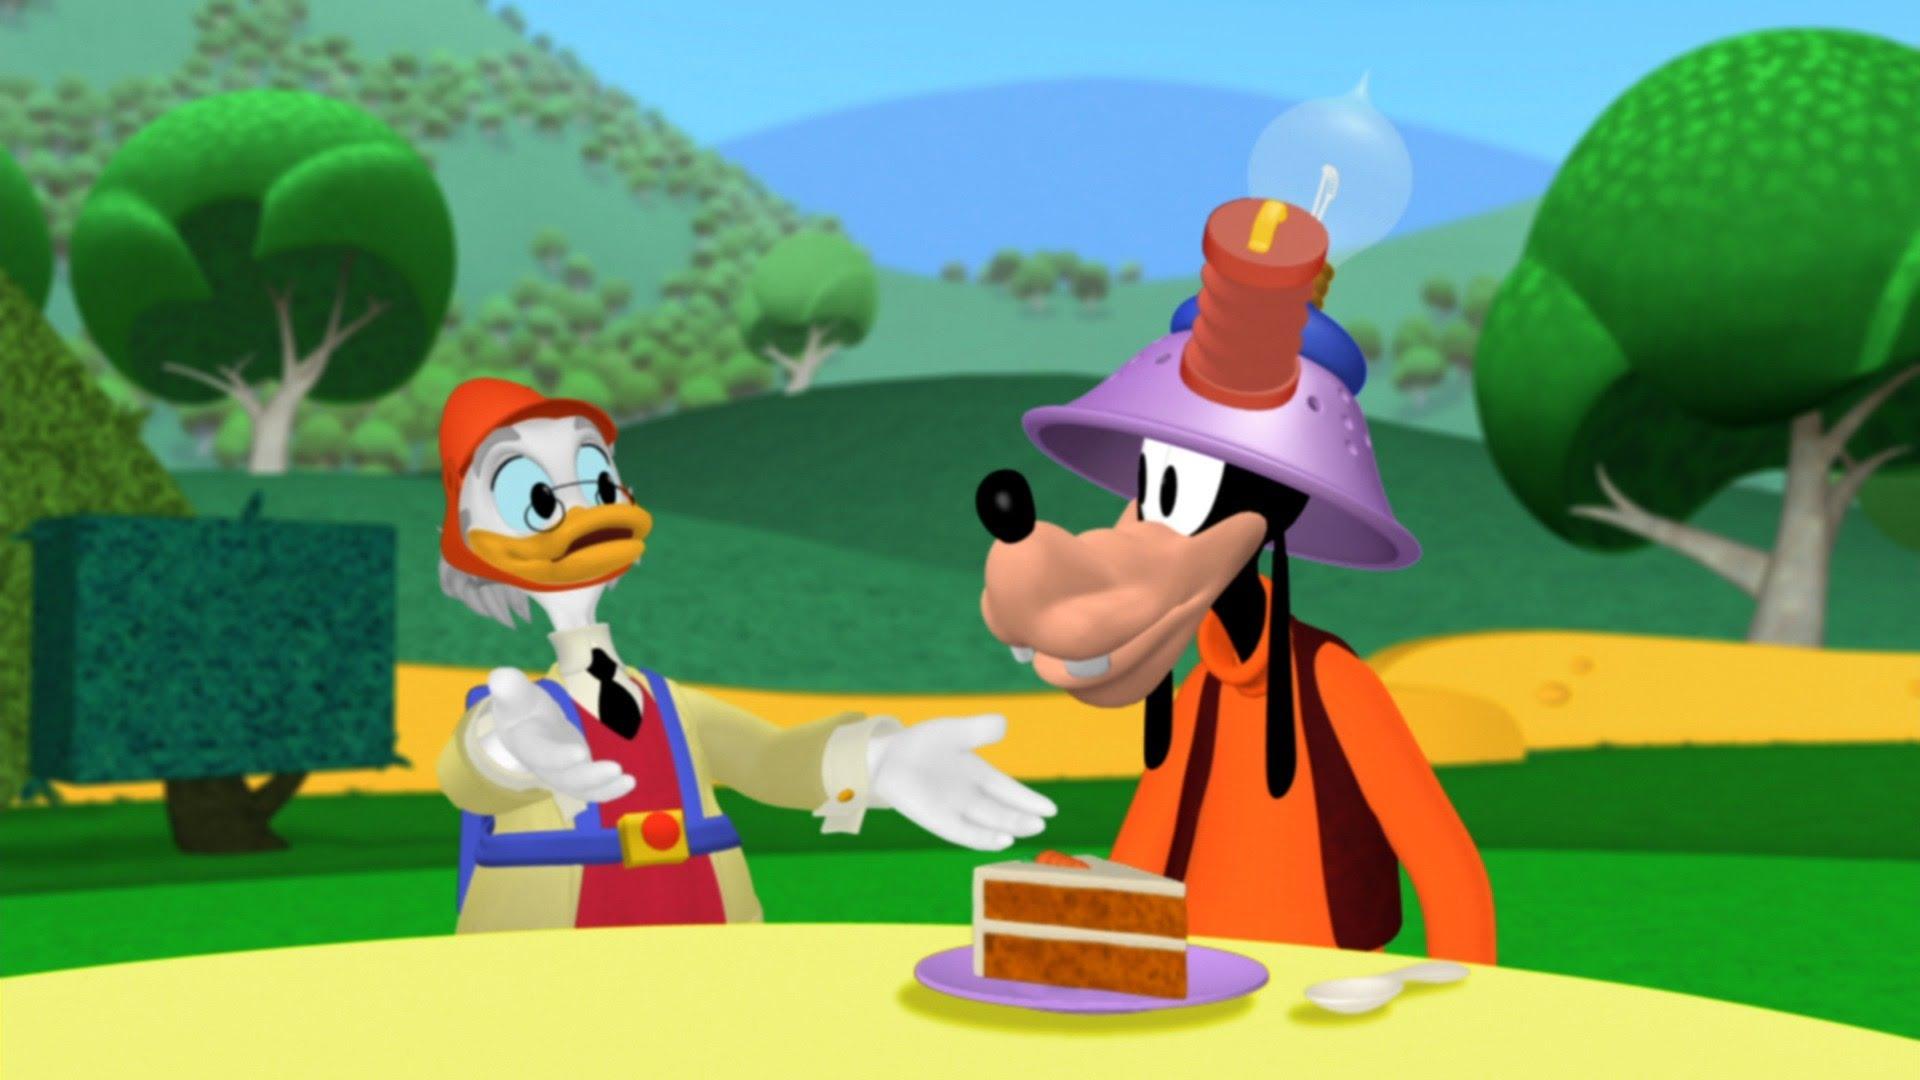 Goofy S Thinking Cap Disney Wiki Fandom Powered By Wikia